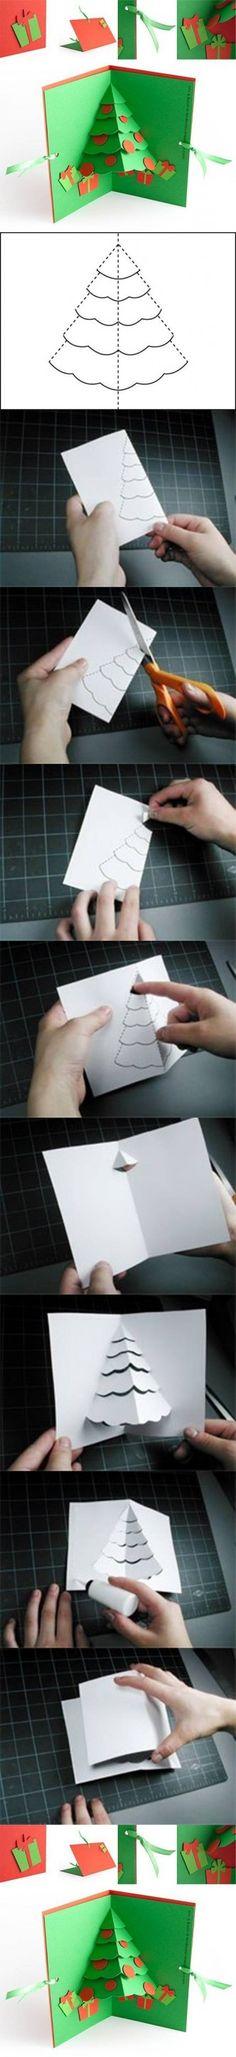 Árbol de Navidad DIY Pop Up Card Proyectos DIY